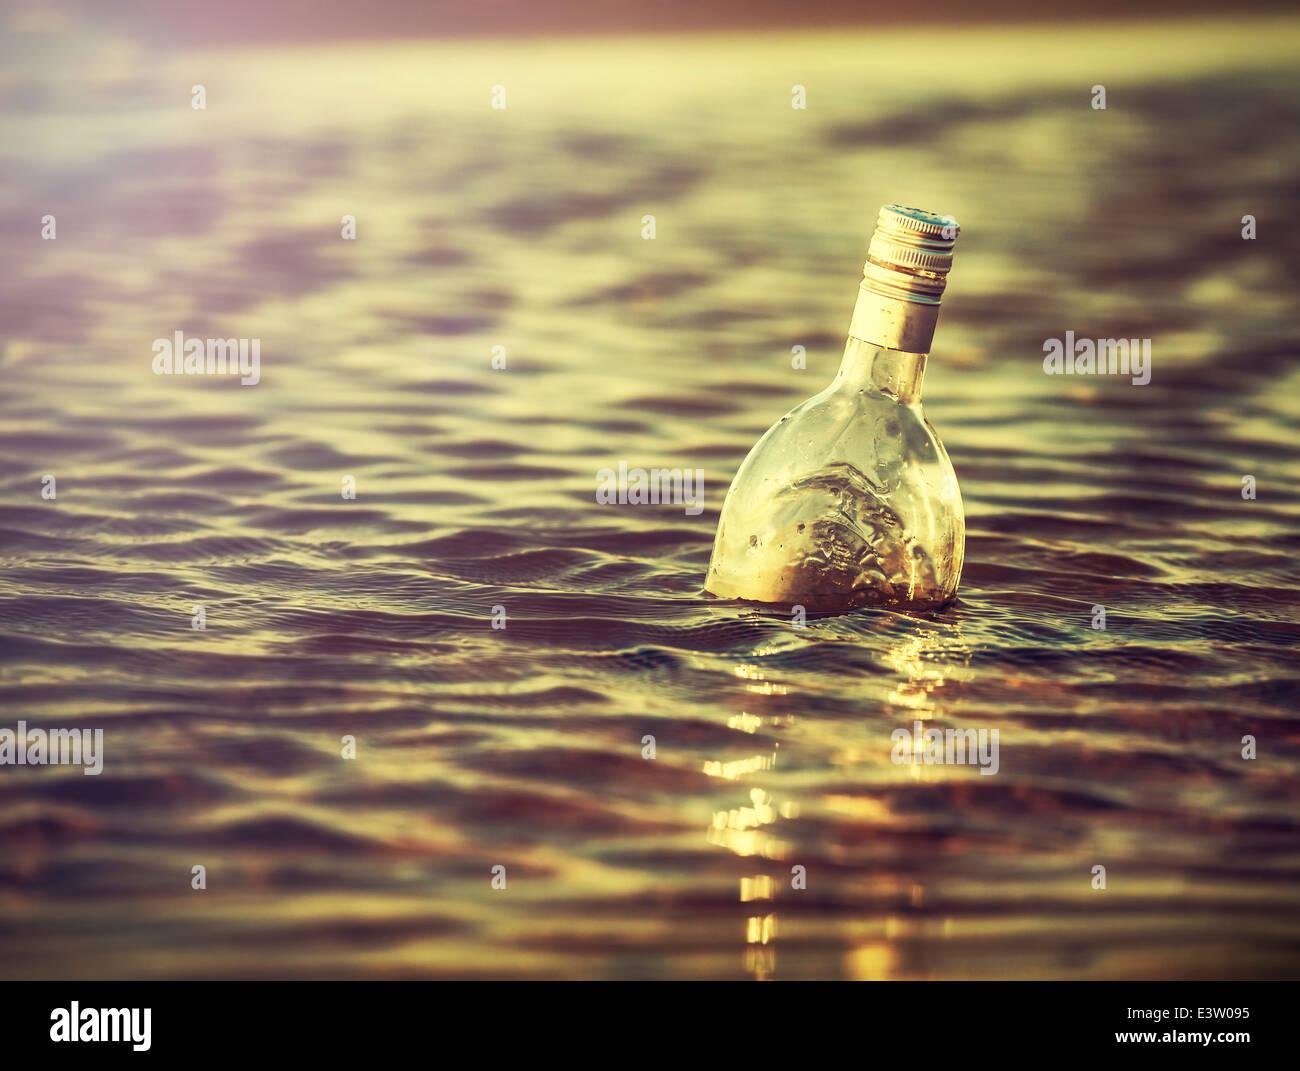 Flasche im Wasser bei Sonnenuntergang, Retro-Instagram-Vintage-Effekt. Stockbild